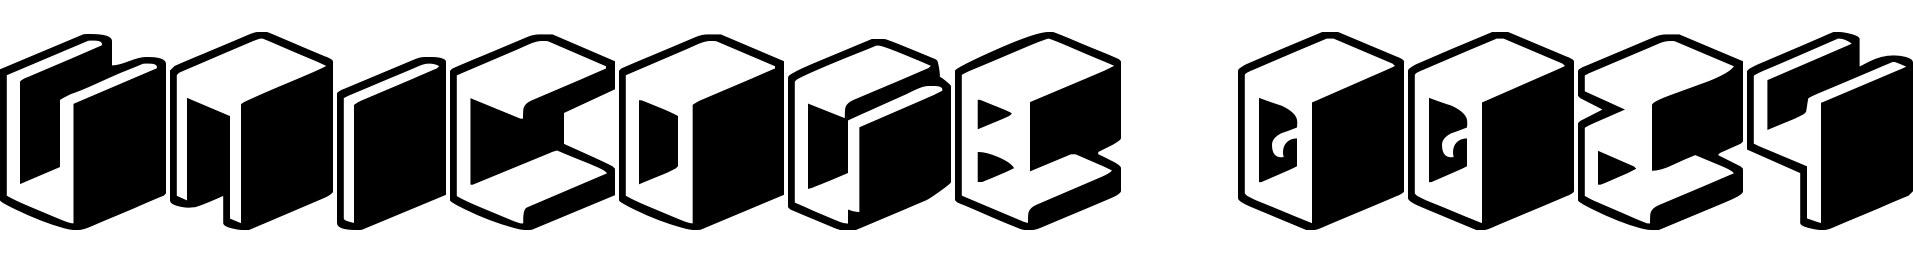 Unicode 0024